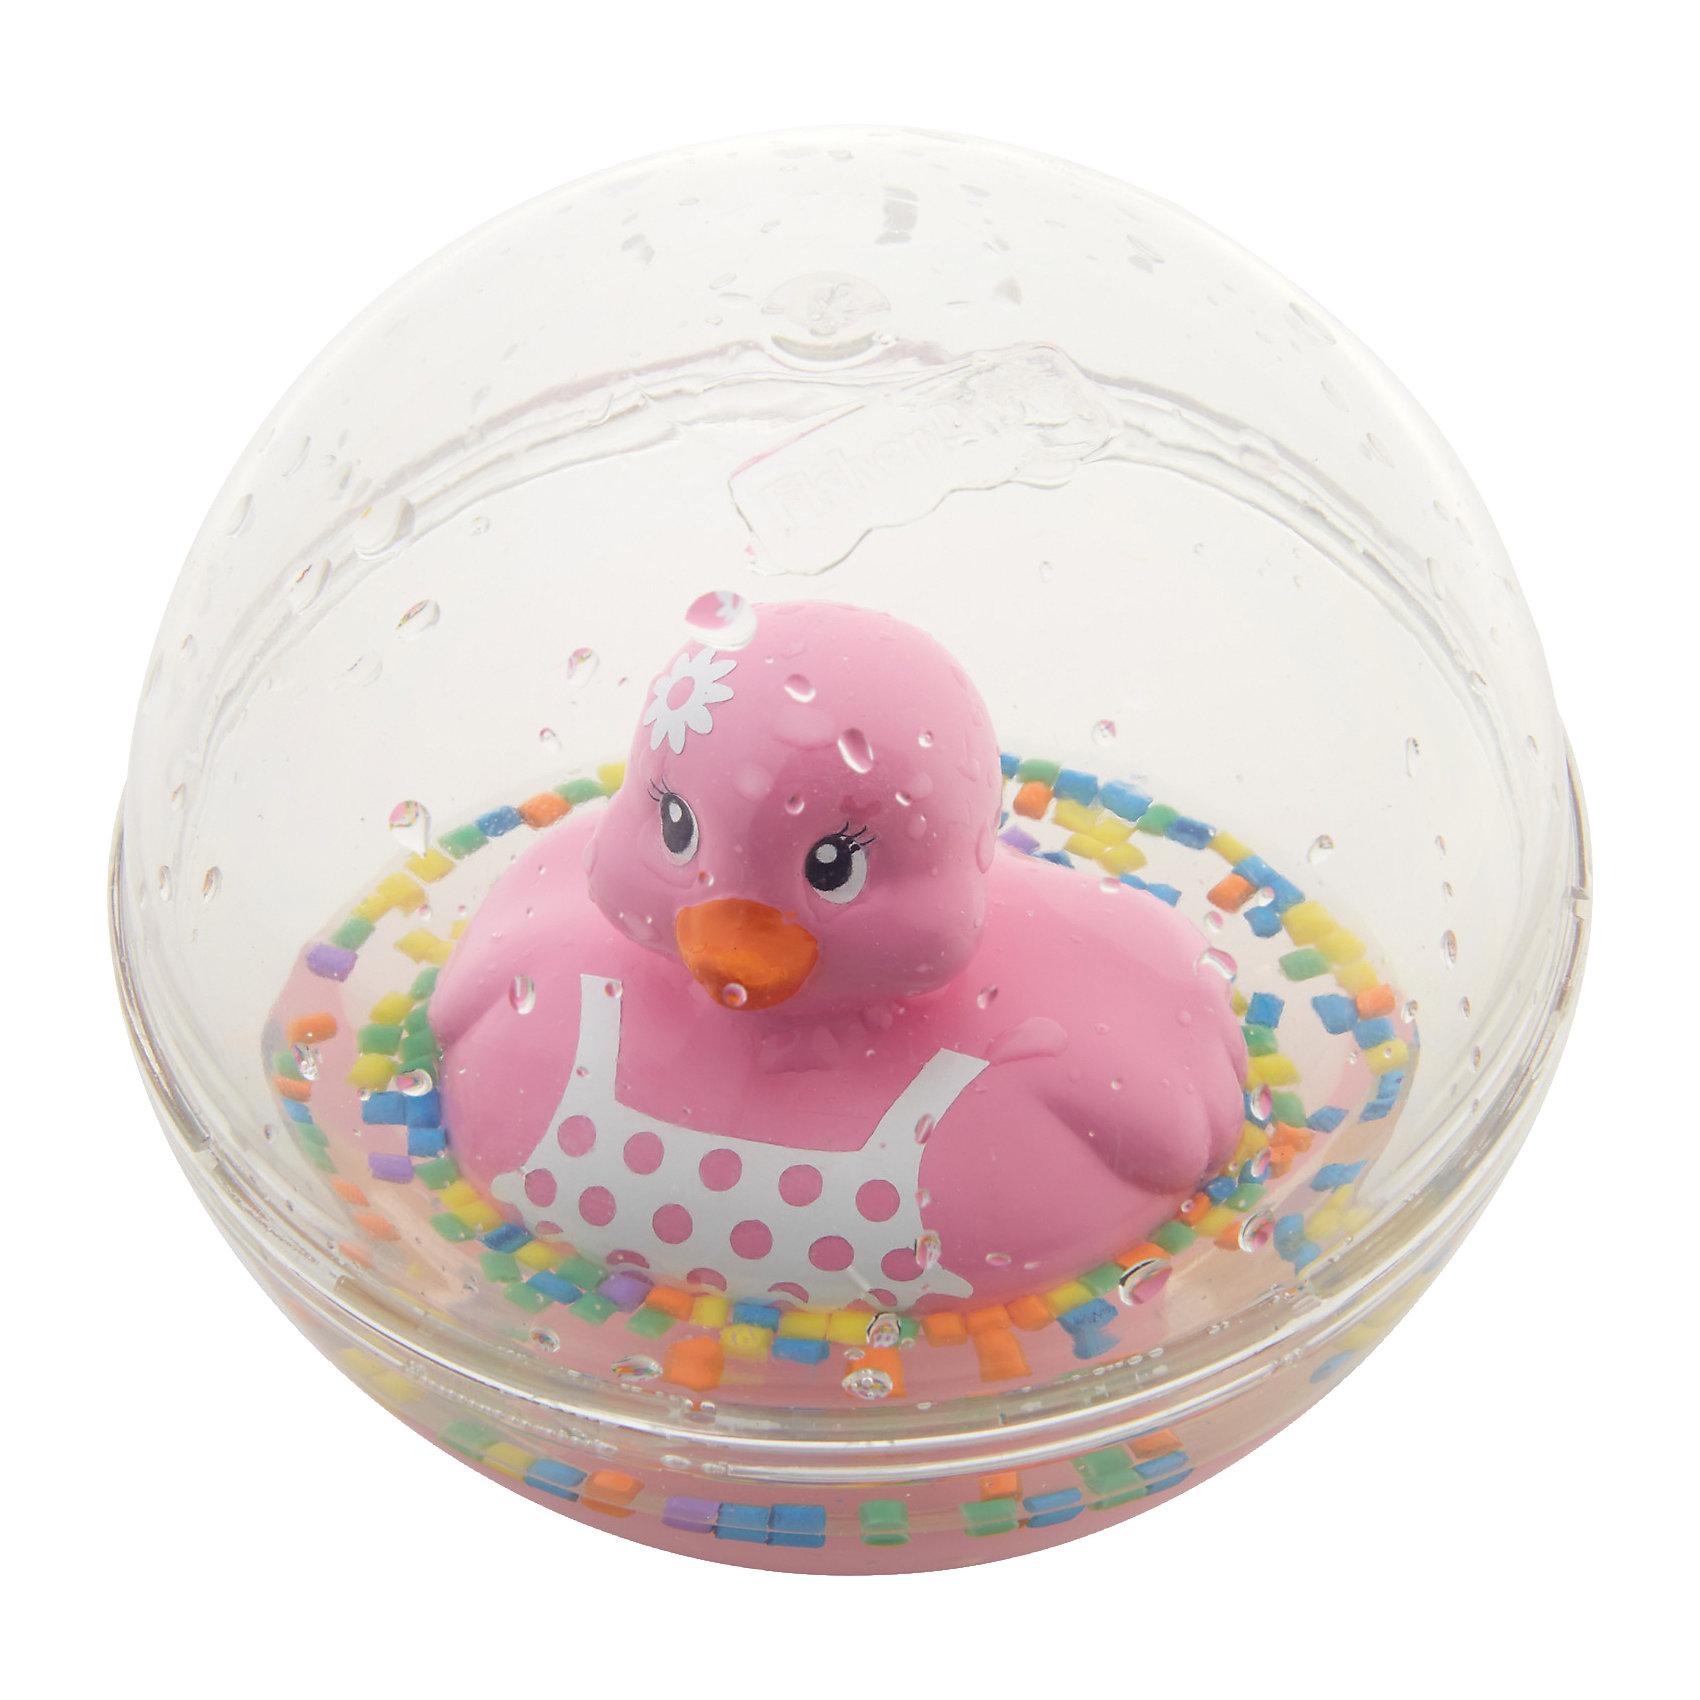 Развивающая игрушка Уточка с плавающими шариками, розовая, Fisher PriceРазвивающие игрушки<br>Характеристики товара:<br><br>• возраст от 3 месяцев;<br>• материал: пластик;<br>• диаметр 8,5 см;<br>• размер упаковки 16х13,5х10 см;<br>• вес упаковки 300 гр.;<br>• страна производитель: Китай.<br><br>Развивающая игрушка Уточка с плавающими шариками Fisher Price розовая сделает купание малыша или игру дома забавными и увлекательными. Игрушка выполнена в виде прозрачного шарика с плавающей внутри уточкой, который малыш может толкать, переворачивать, катать. Внутри шарика разноцветные детали, похожие на конфетти. В процессе игры у малыша развиваются мелкая моторика рук, тактильные ощущения, зрительное восприятие.<br><br>Развивающую игрушку Уточка с плавающими шариками Fisher Price розовую можно приобрести в нашем интернет-магазине.<br><br>Ширина мм: 140<br>Глубина мм: 103<br>Высота мм: 165<br>Вес г: 240<br>Возраст от месяцев: 3<br>Возраст до месяцев: 24<br>Пол: Женский<br>Возраст: Детский<br>SKU: 5117325